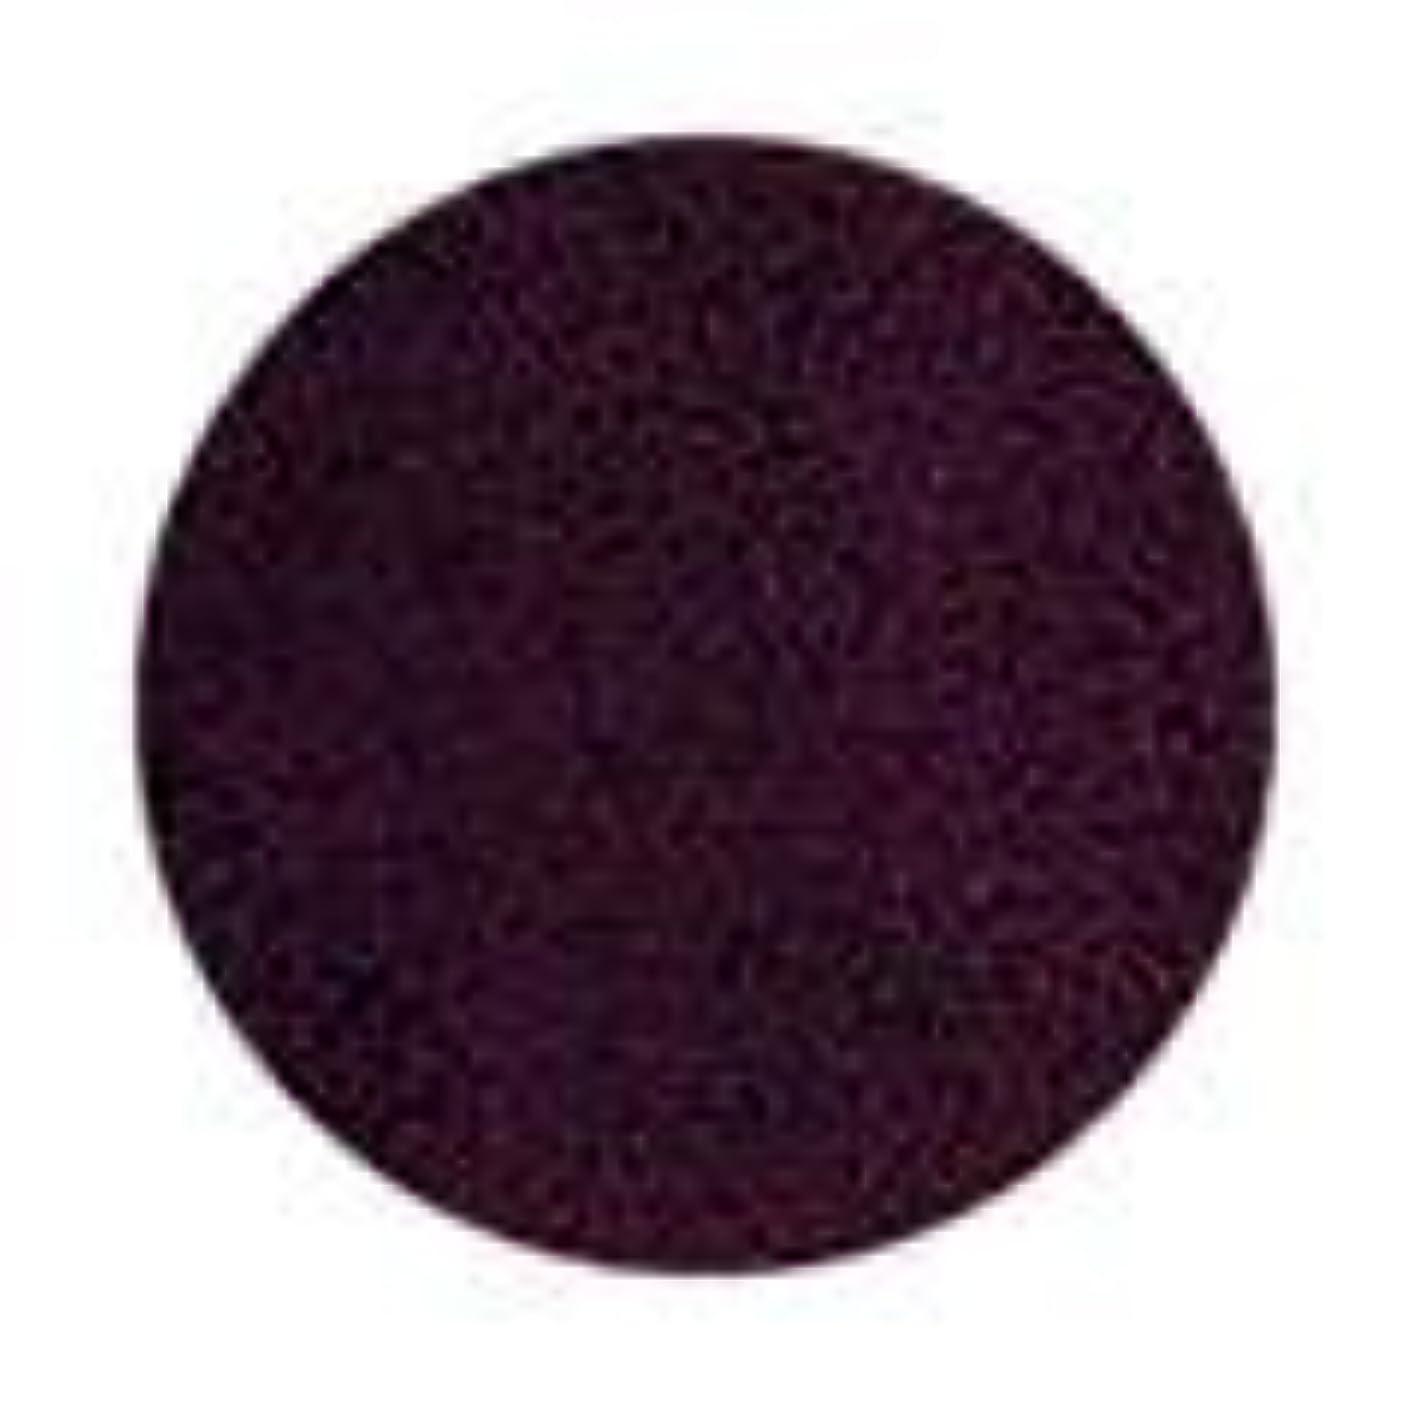 使い込むアロング上院Jessica ジェレレーション カラー 15ml  708 ノトリアス